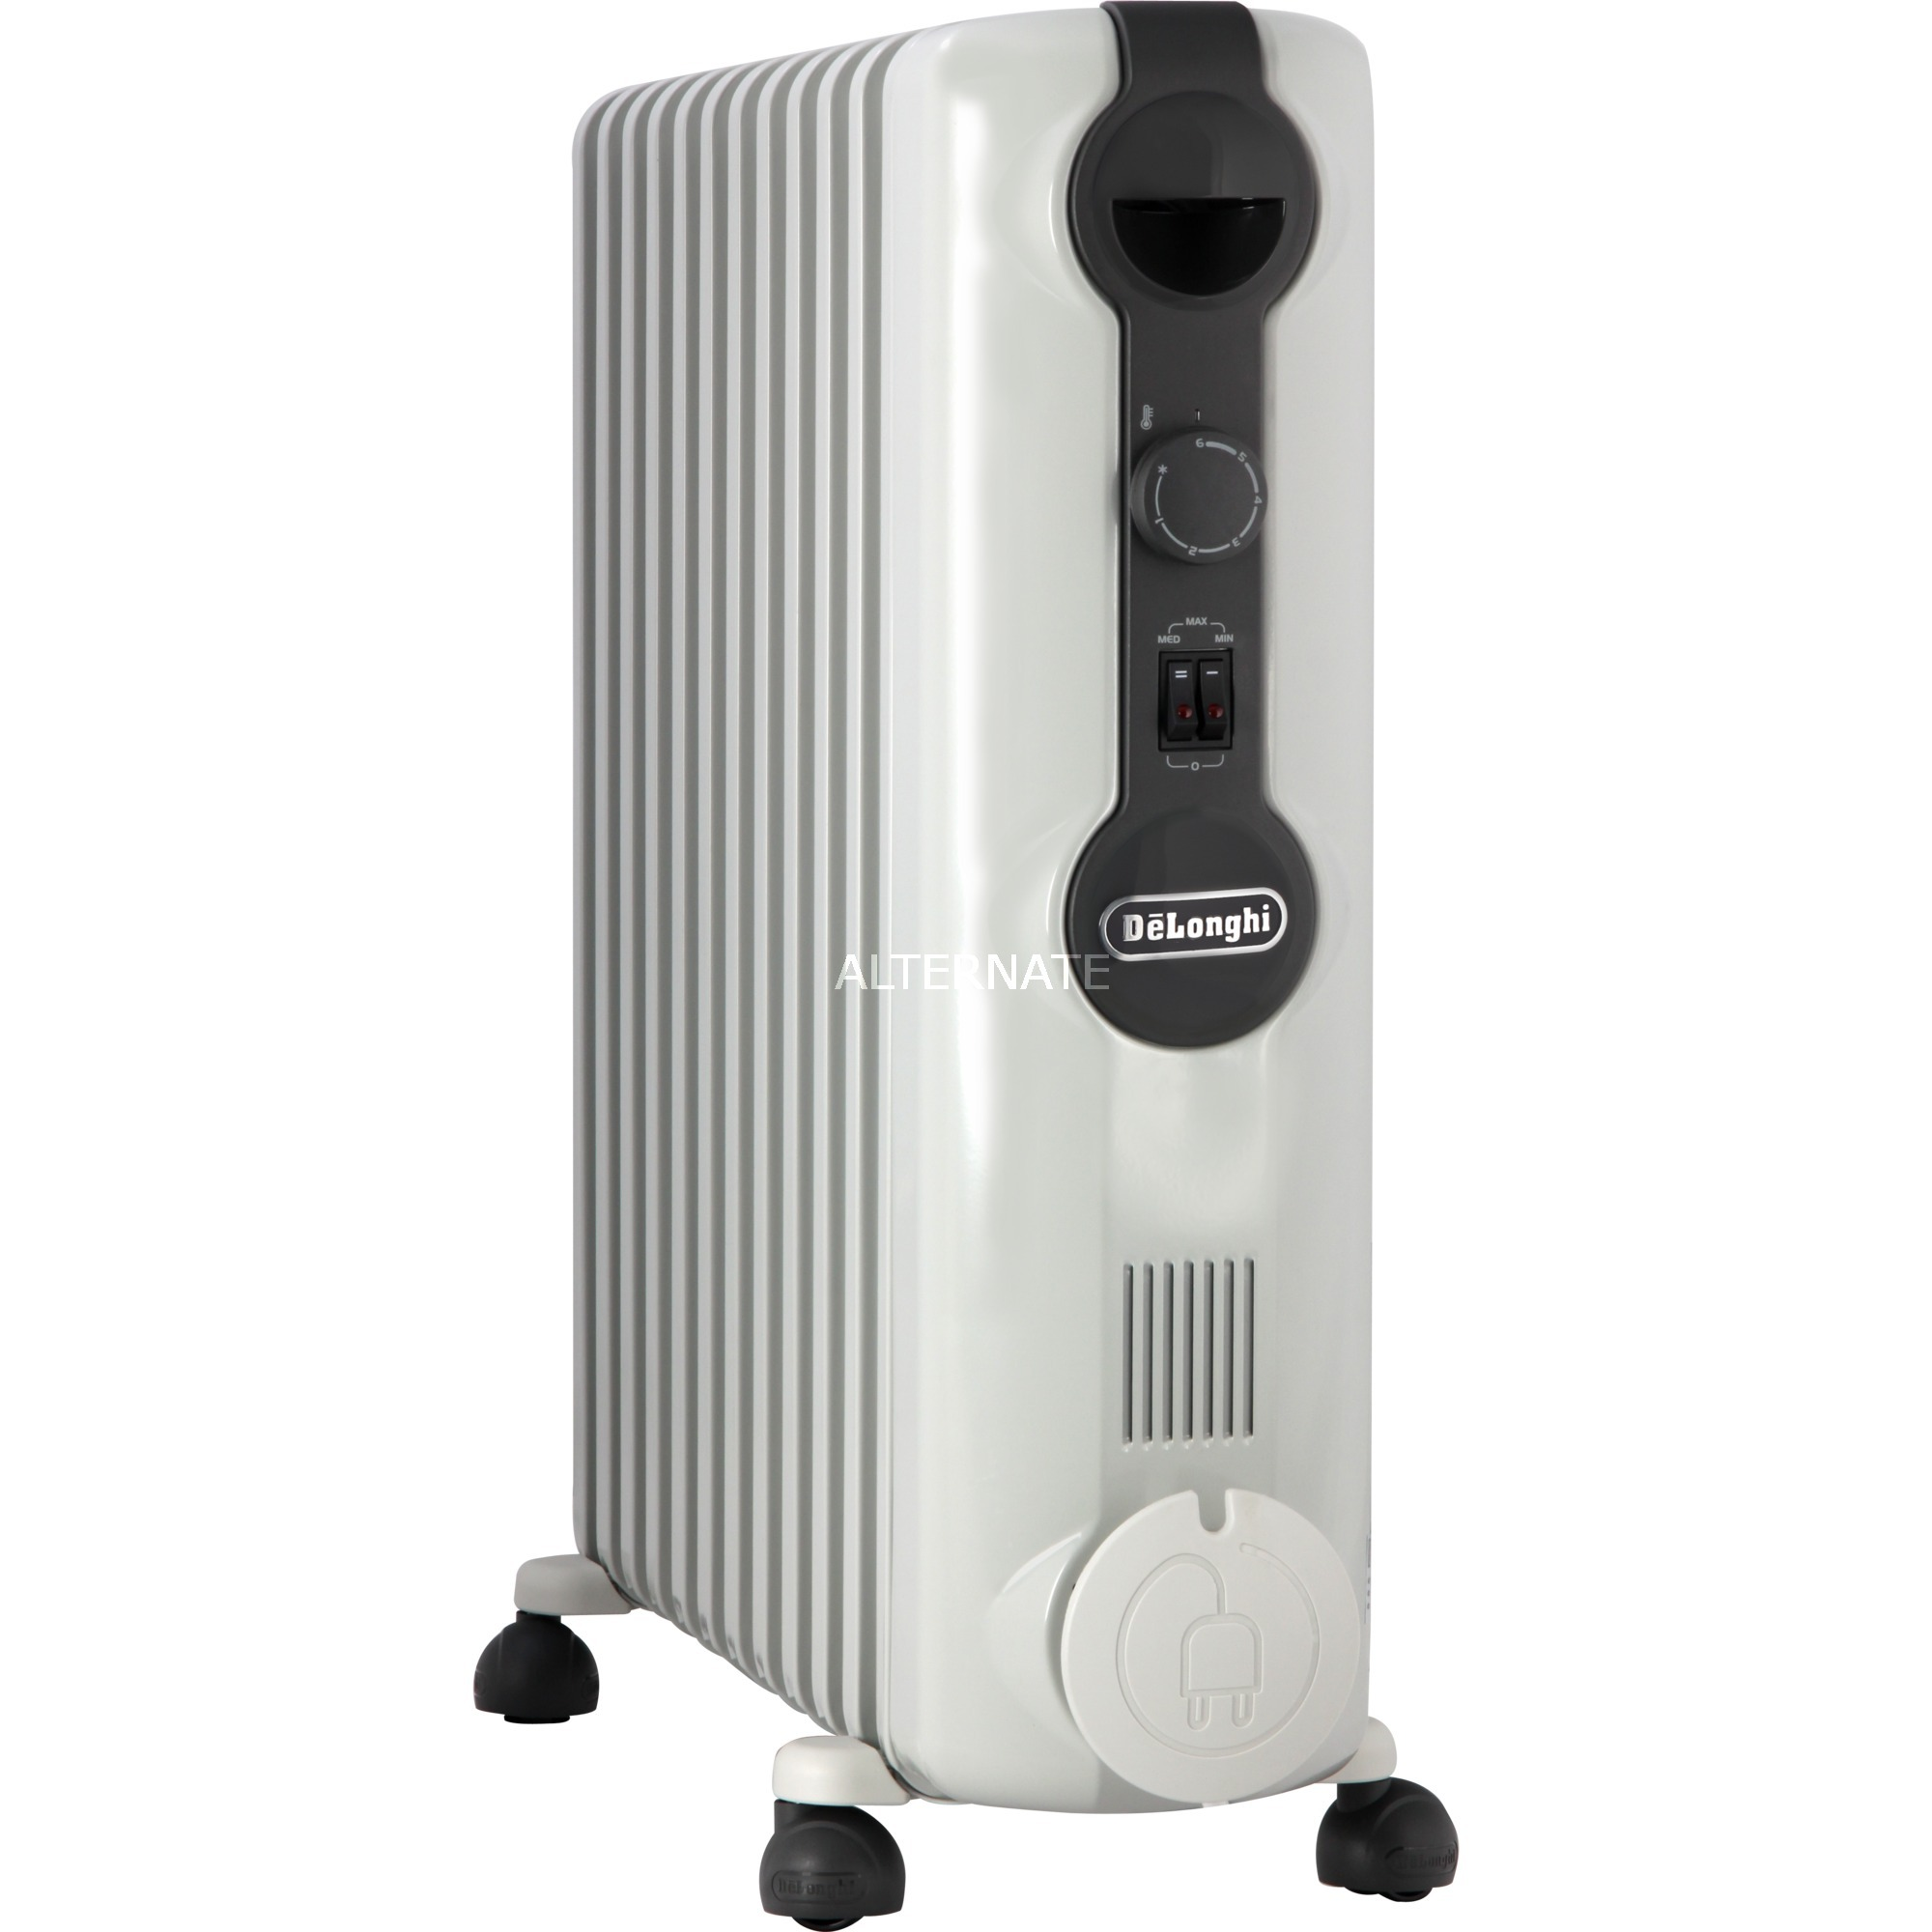 Alpatec bh 2500 radiatore bagno prezzi migliori offerte - Stufetta elettrica per bagno ...